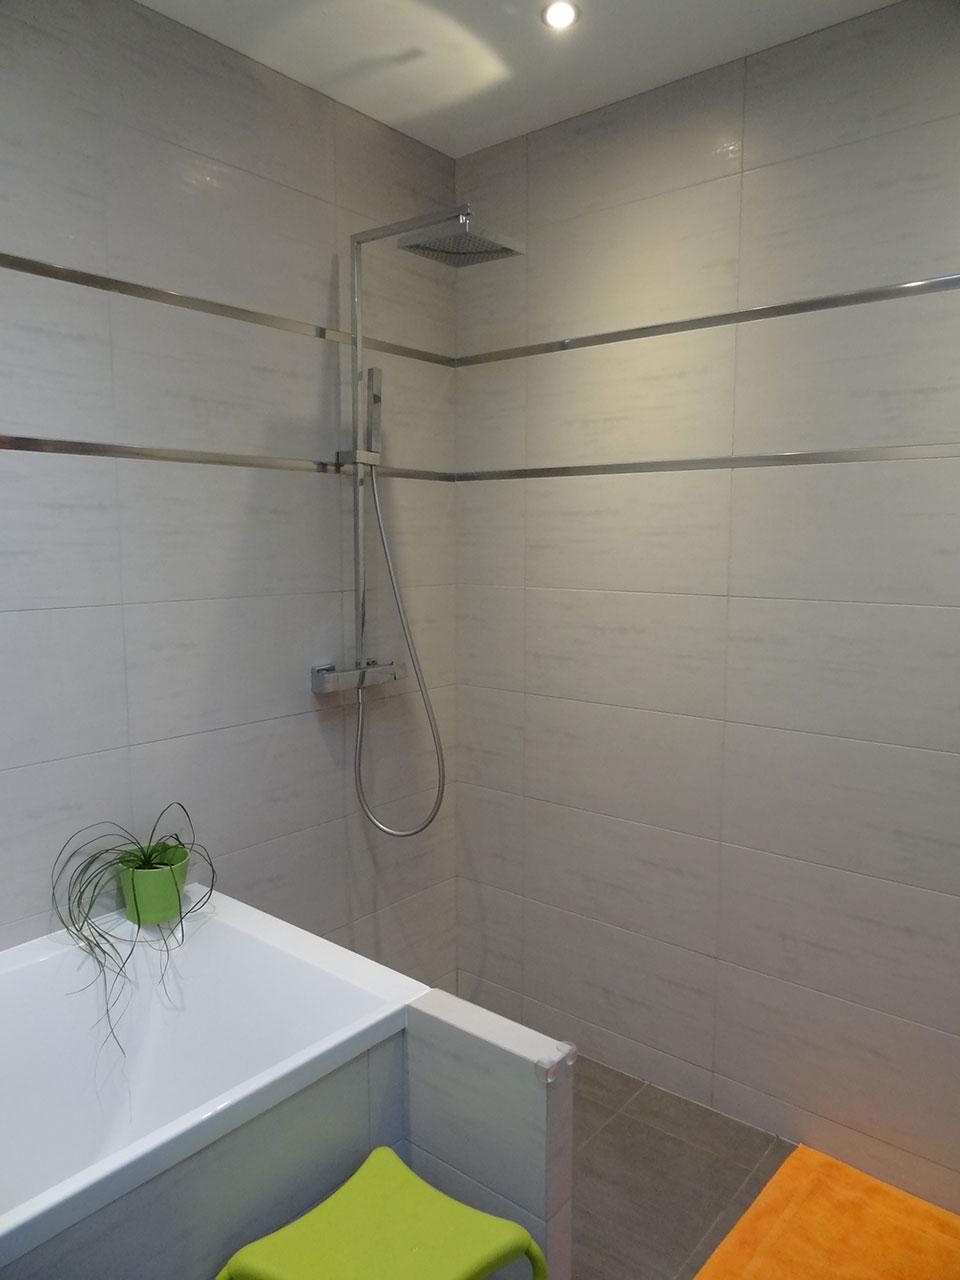 Maison en siporex cheap cleste mur briques intrieur - Realiser une cuisine en siporex ...